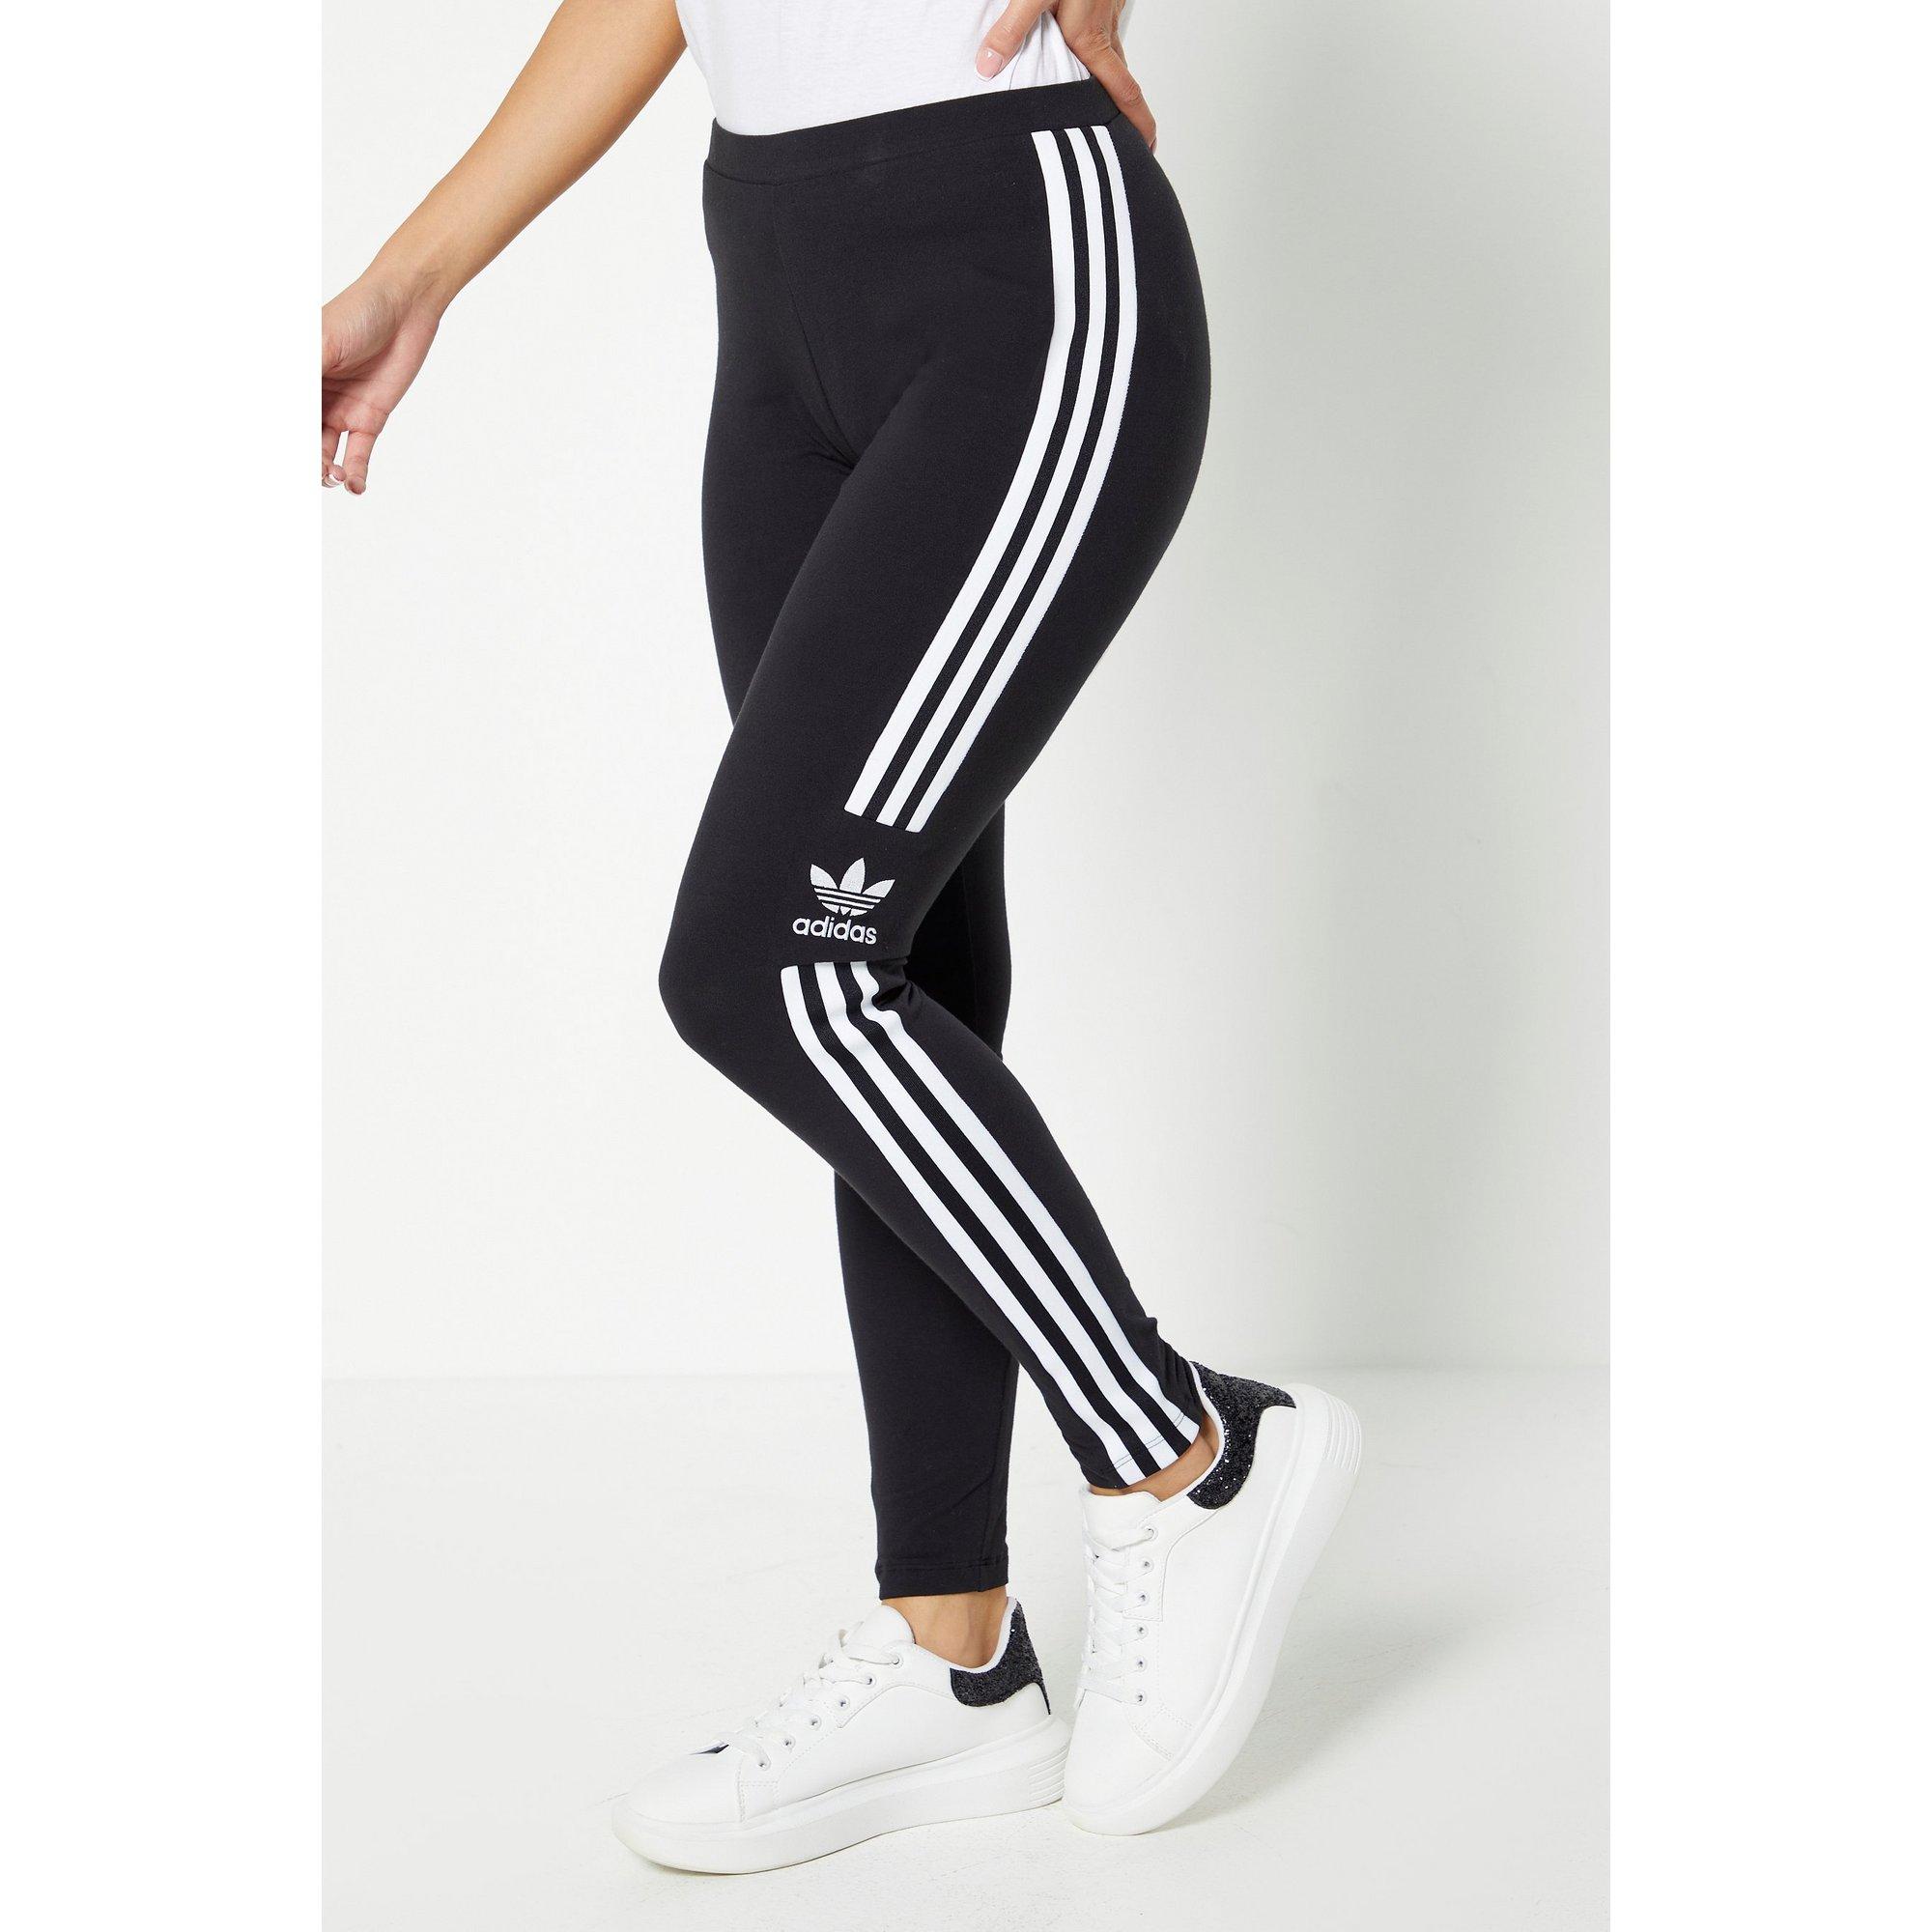 Image of adidas Originals 3-Stripe Leggings